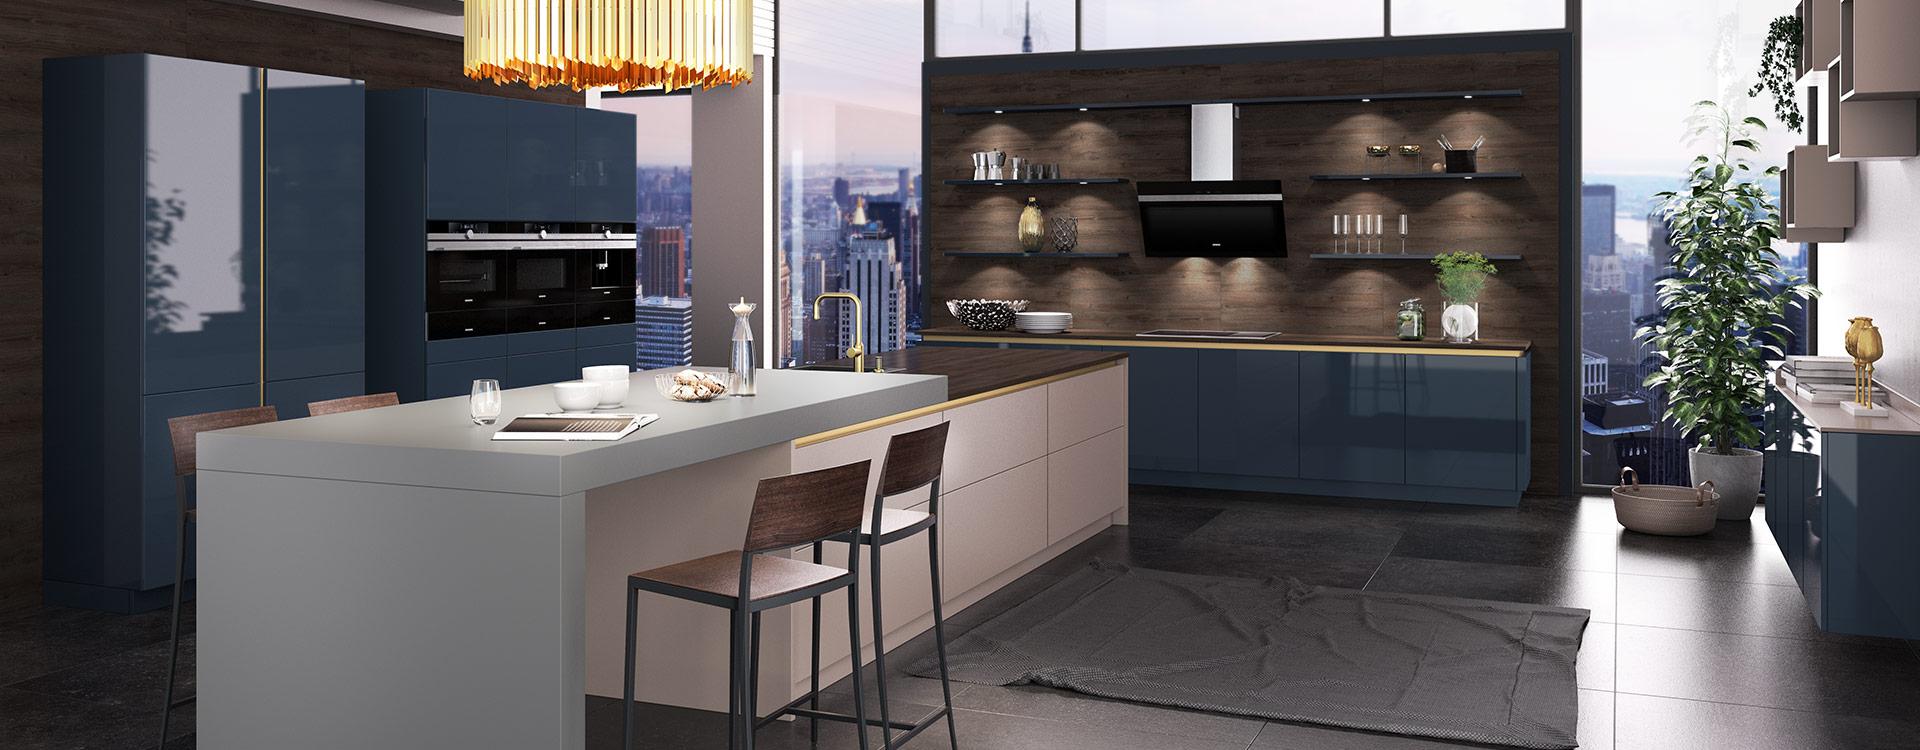 Brigitte Kitchen: Fascination